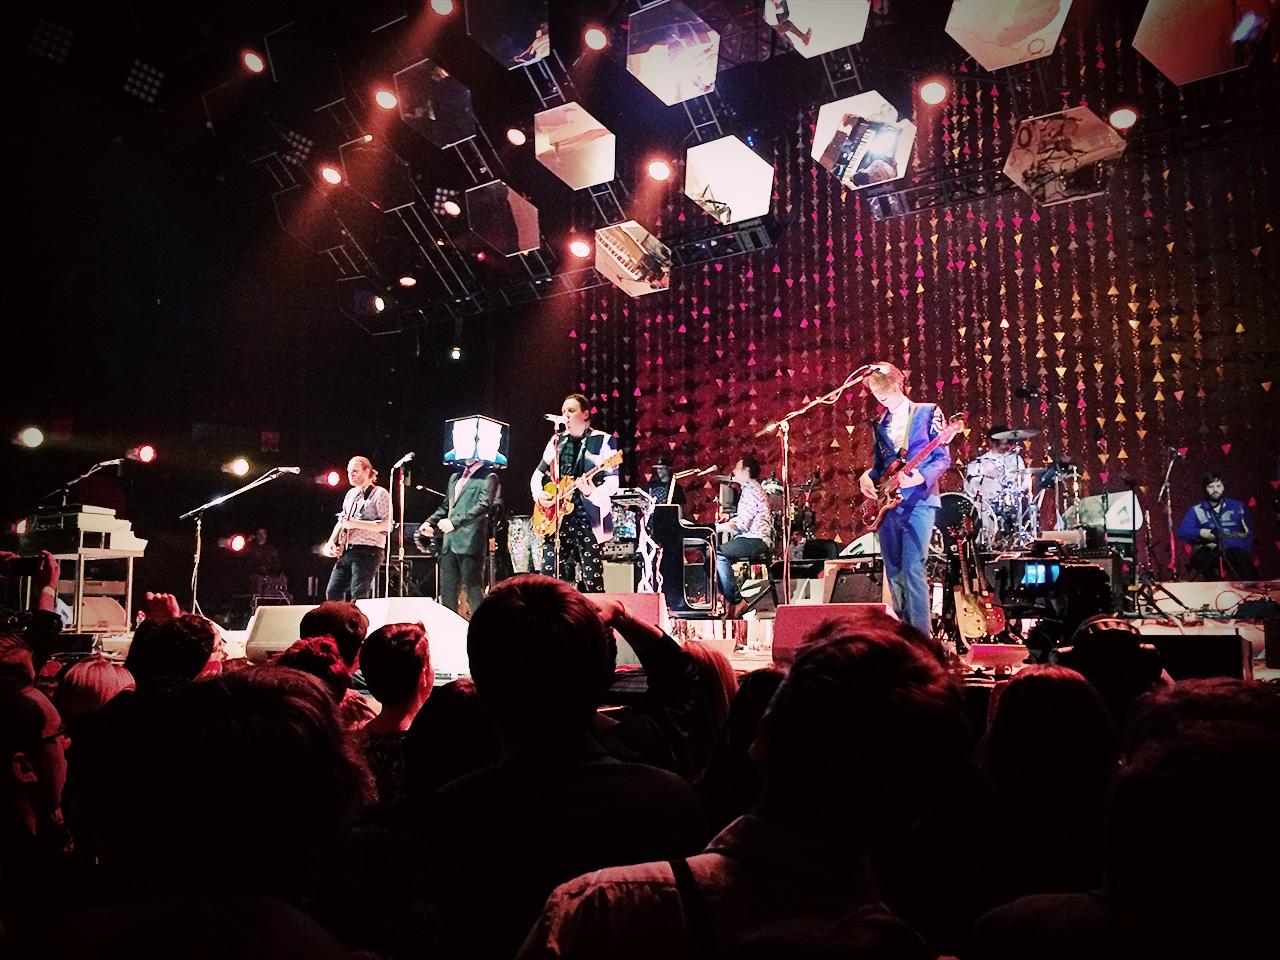 Arcade Fire — Reflektor tour